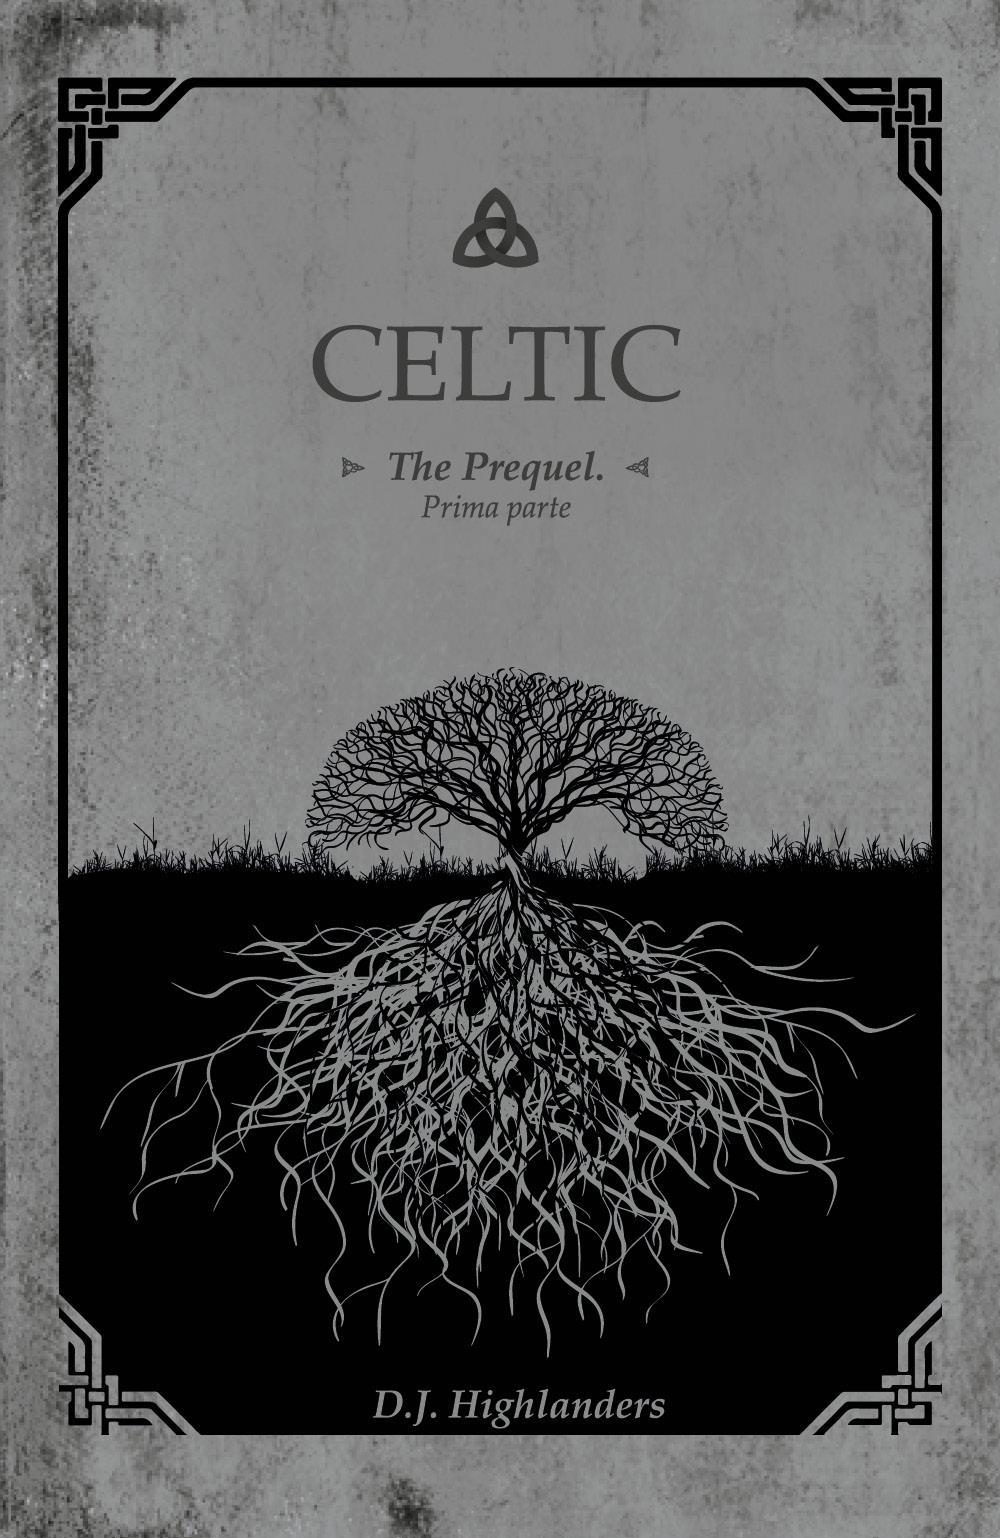 Celtic - The prequel